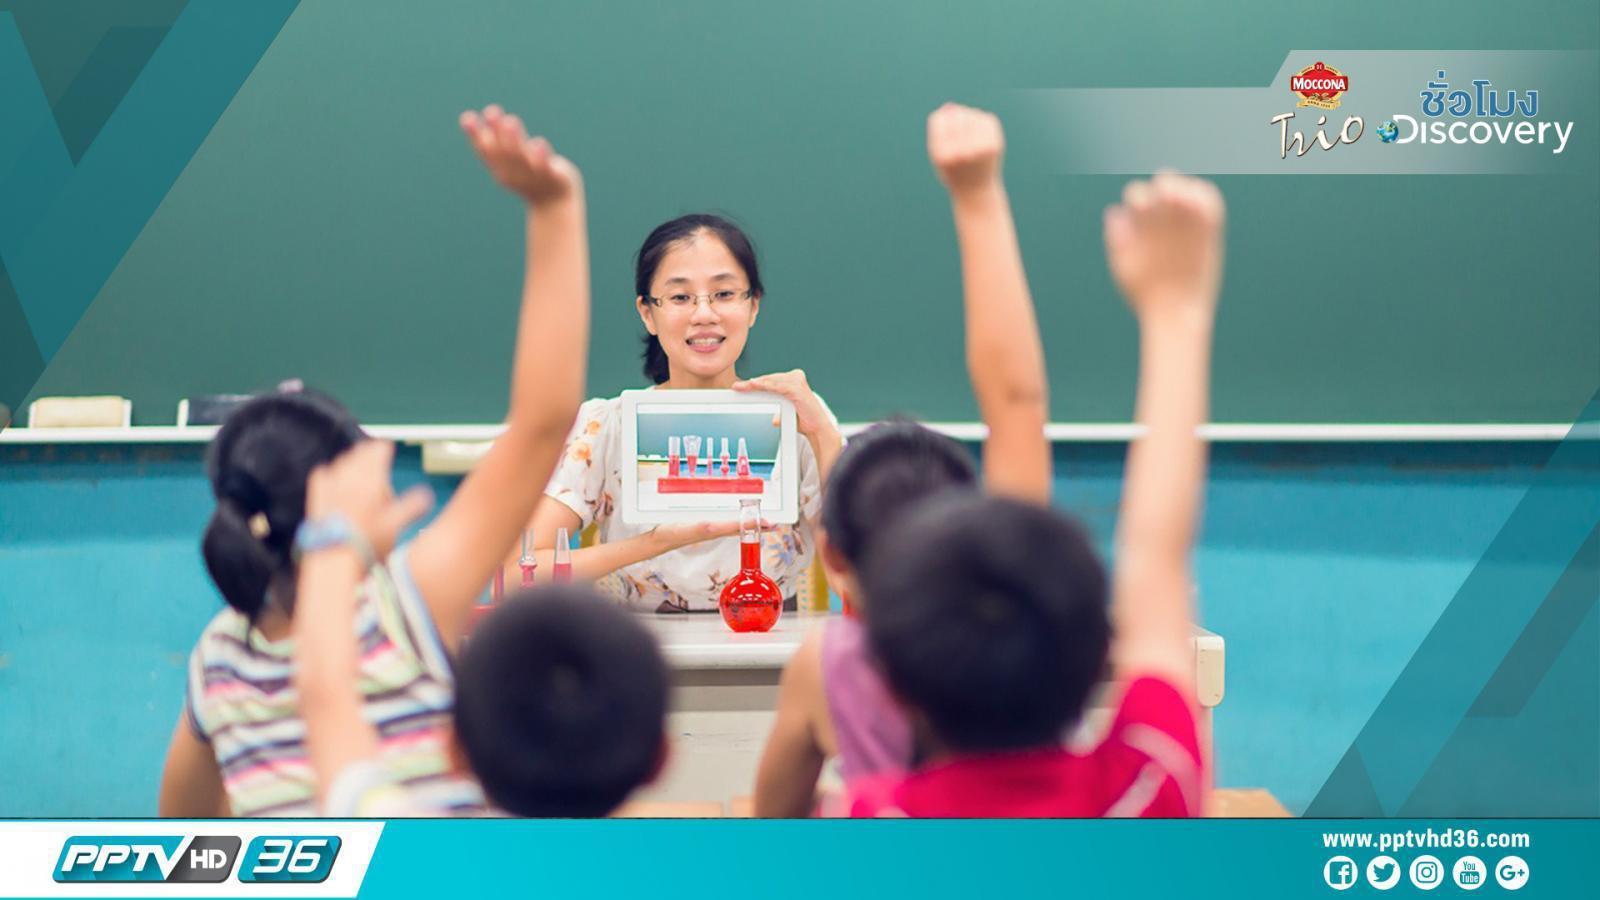 ลักษณะของคุณครู ส่งผลต่อการเรียนจริงหรือ?